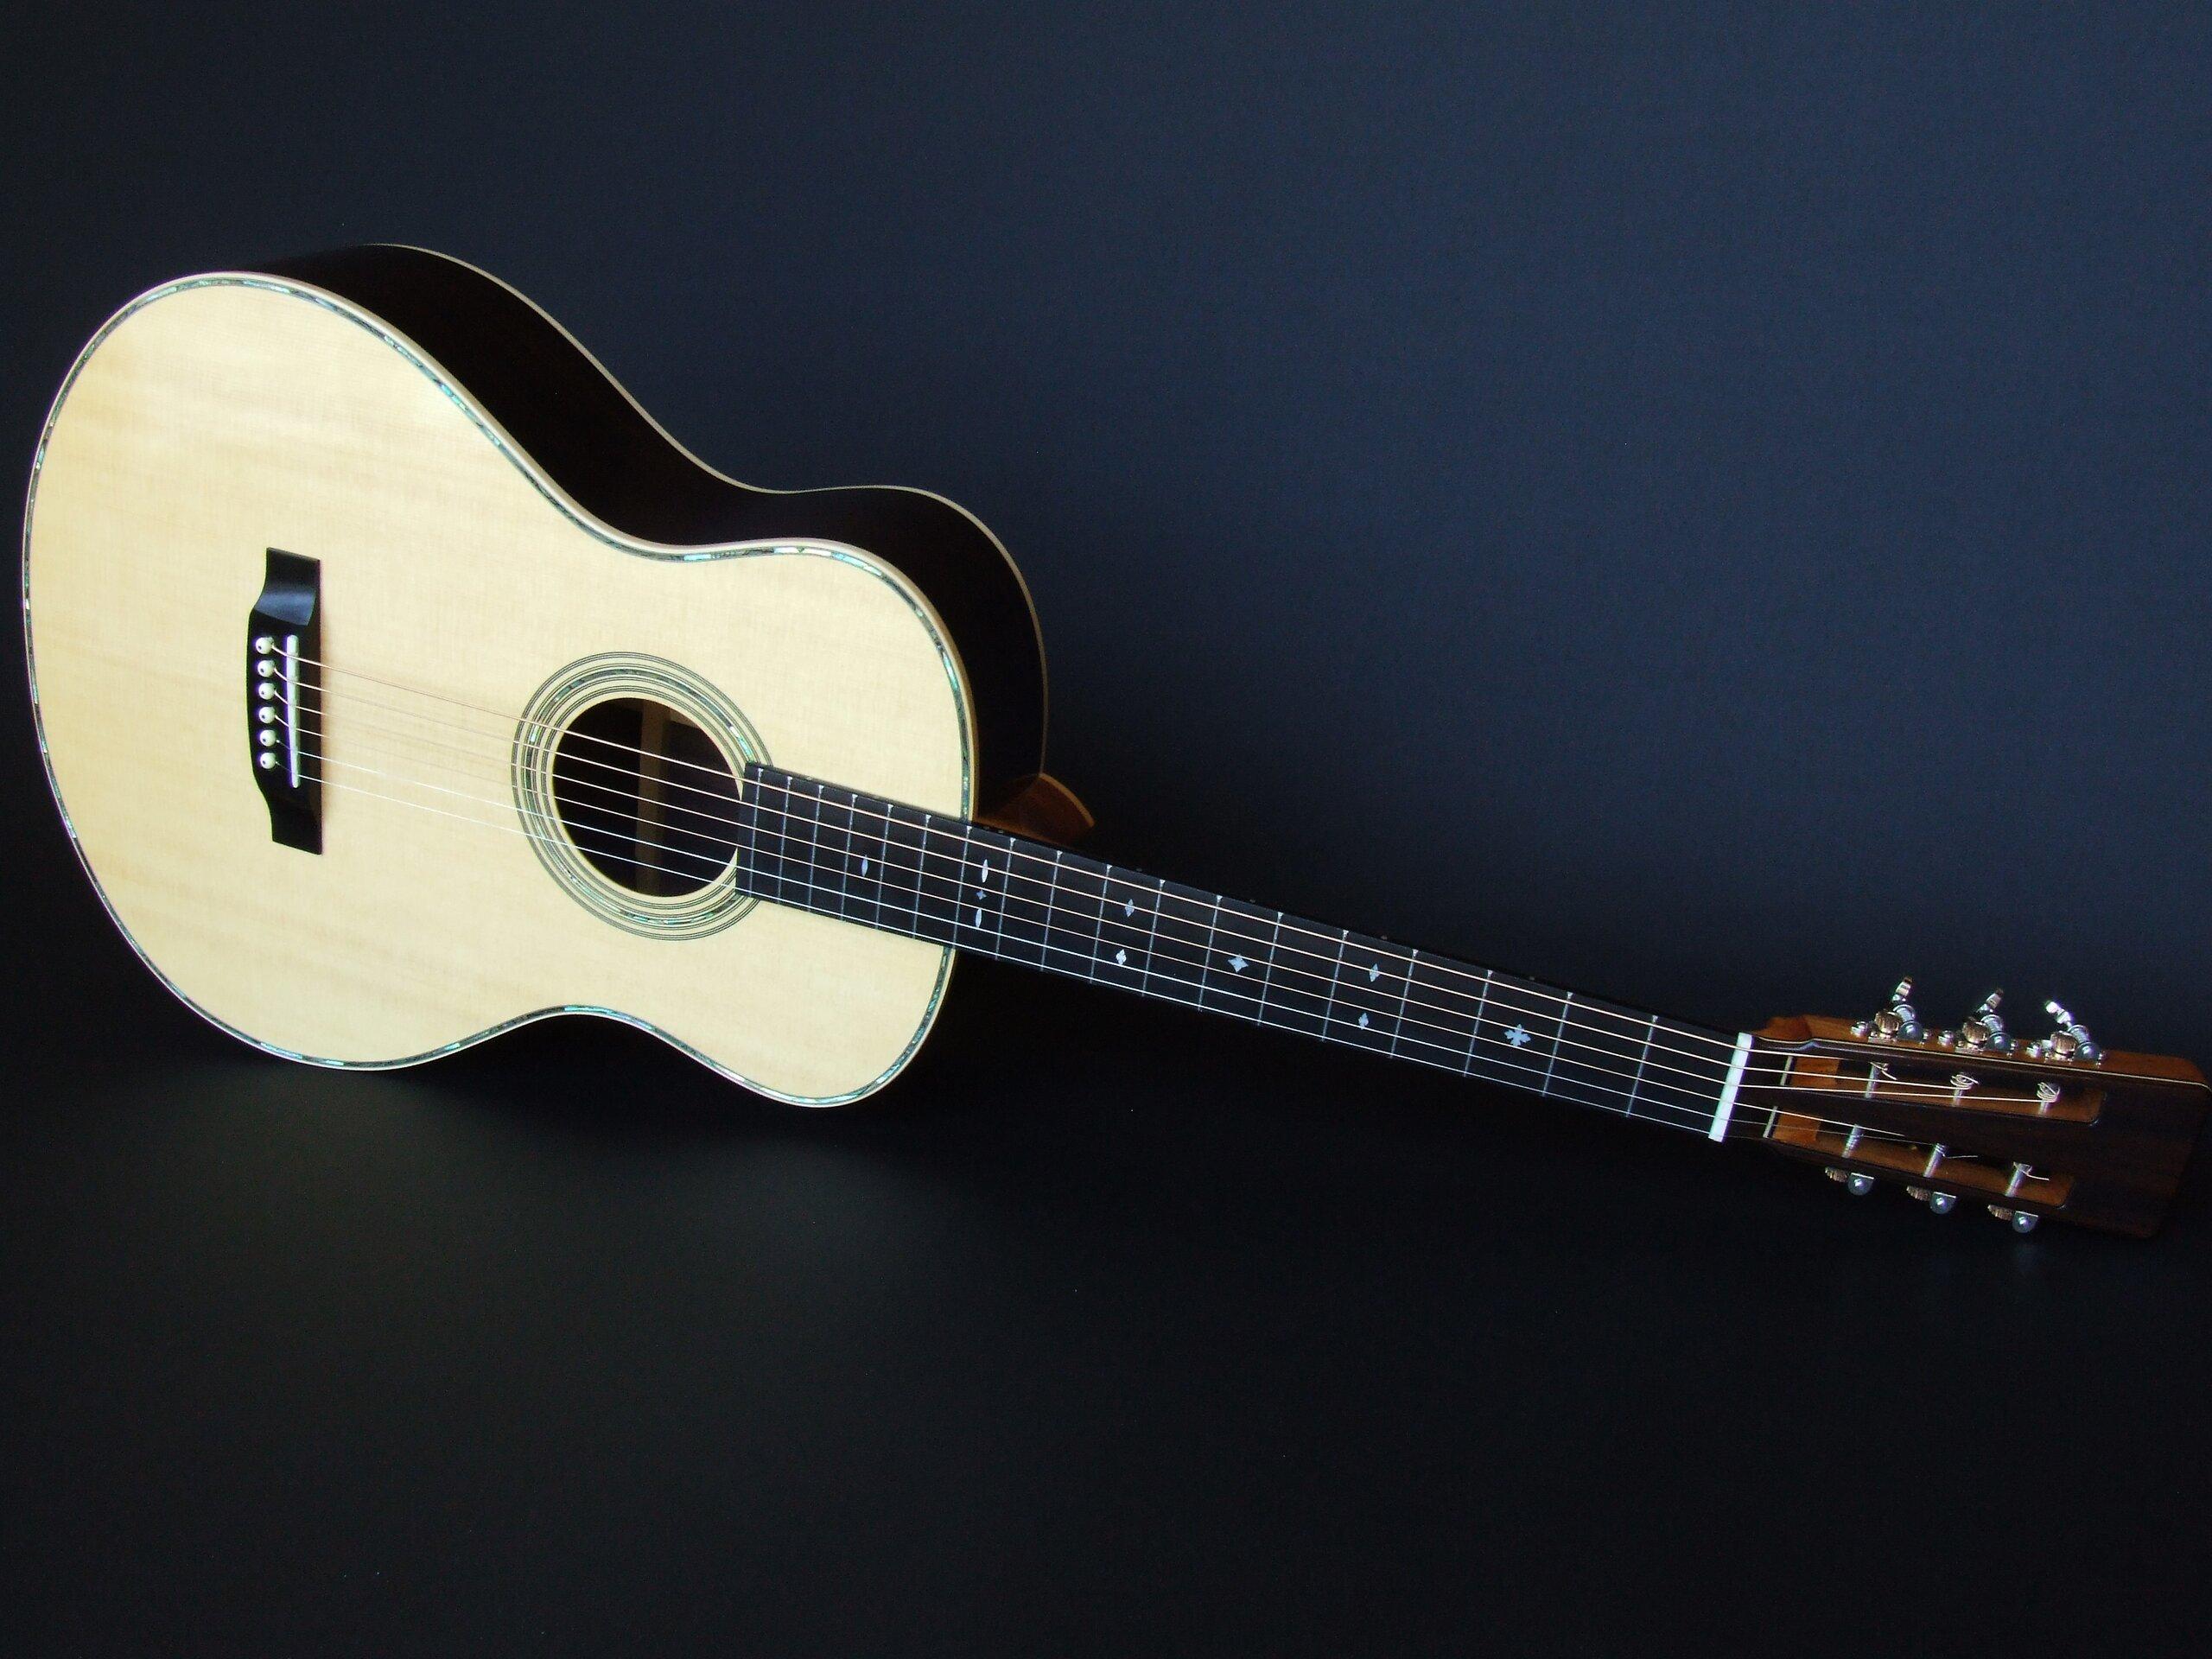 Full length shot of a medium retro guitar